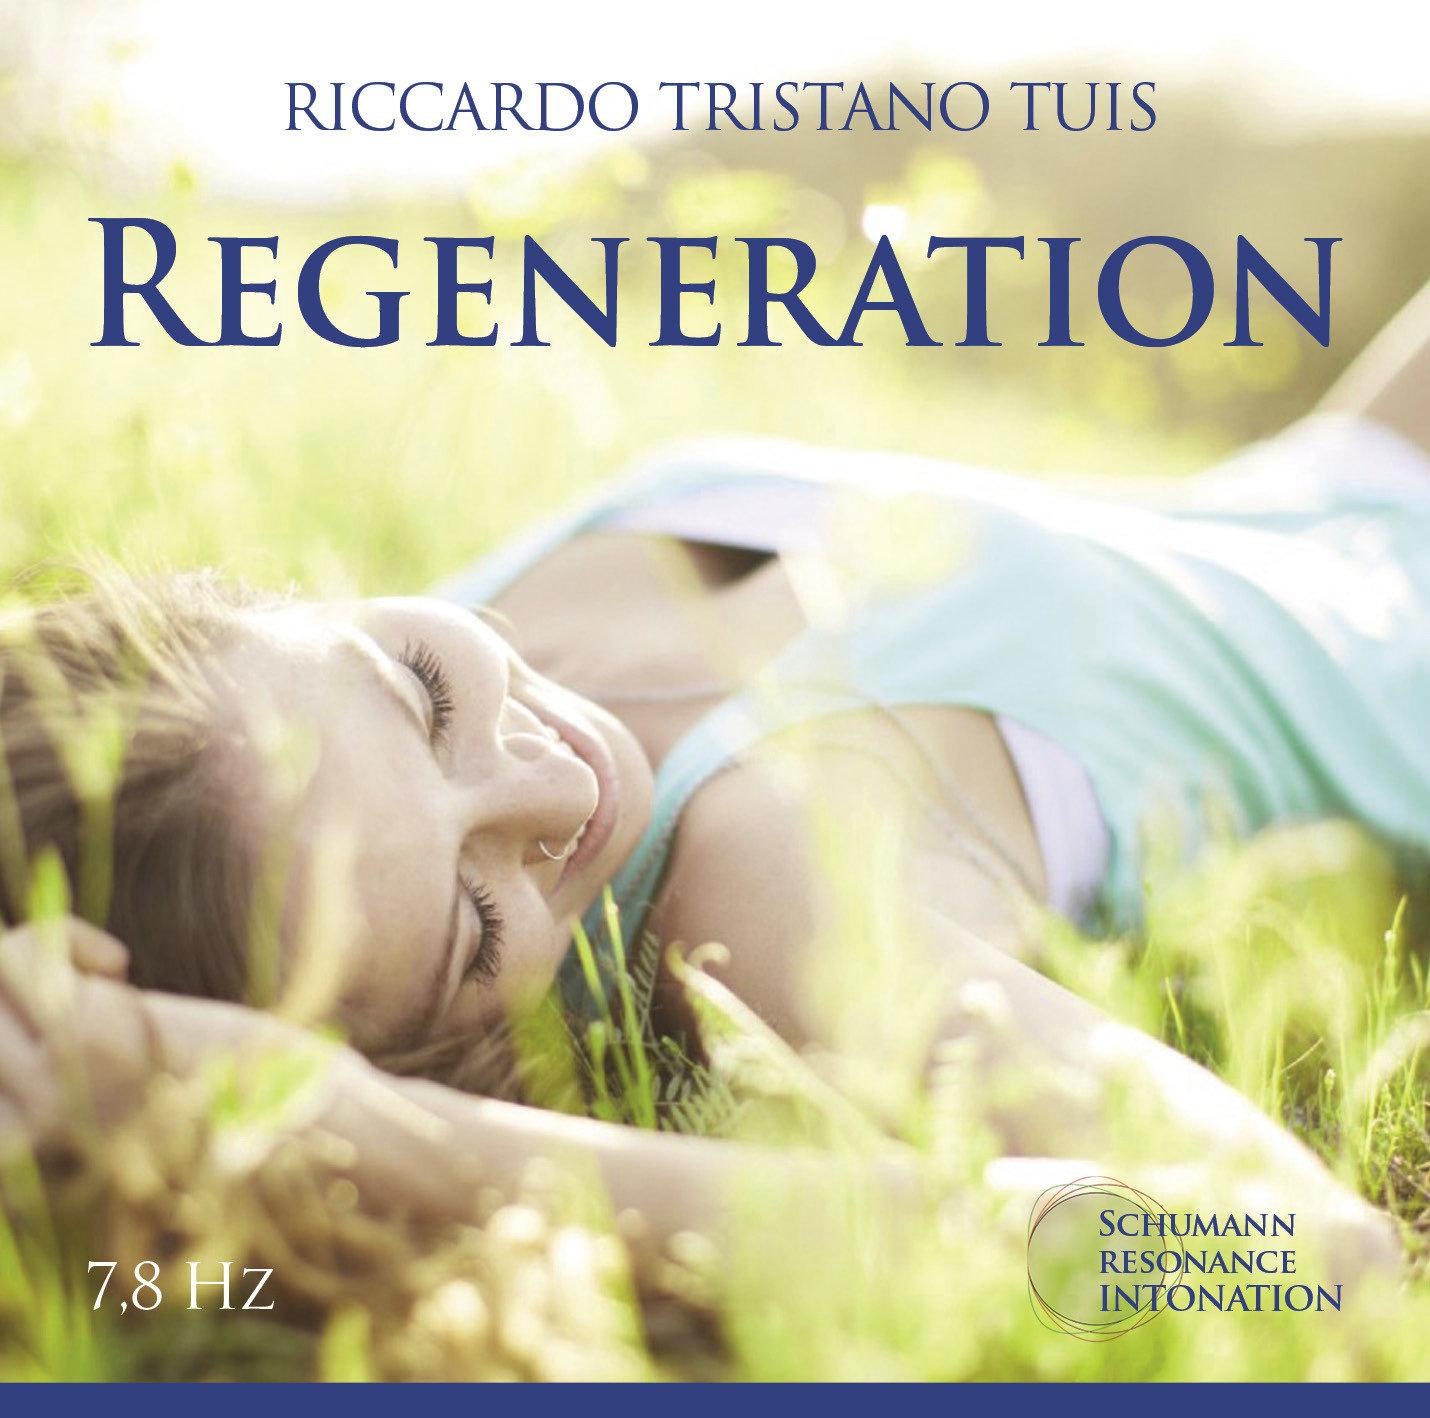 Regeneration - Schumann Resonance Intonation 7,8 Hz